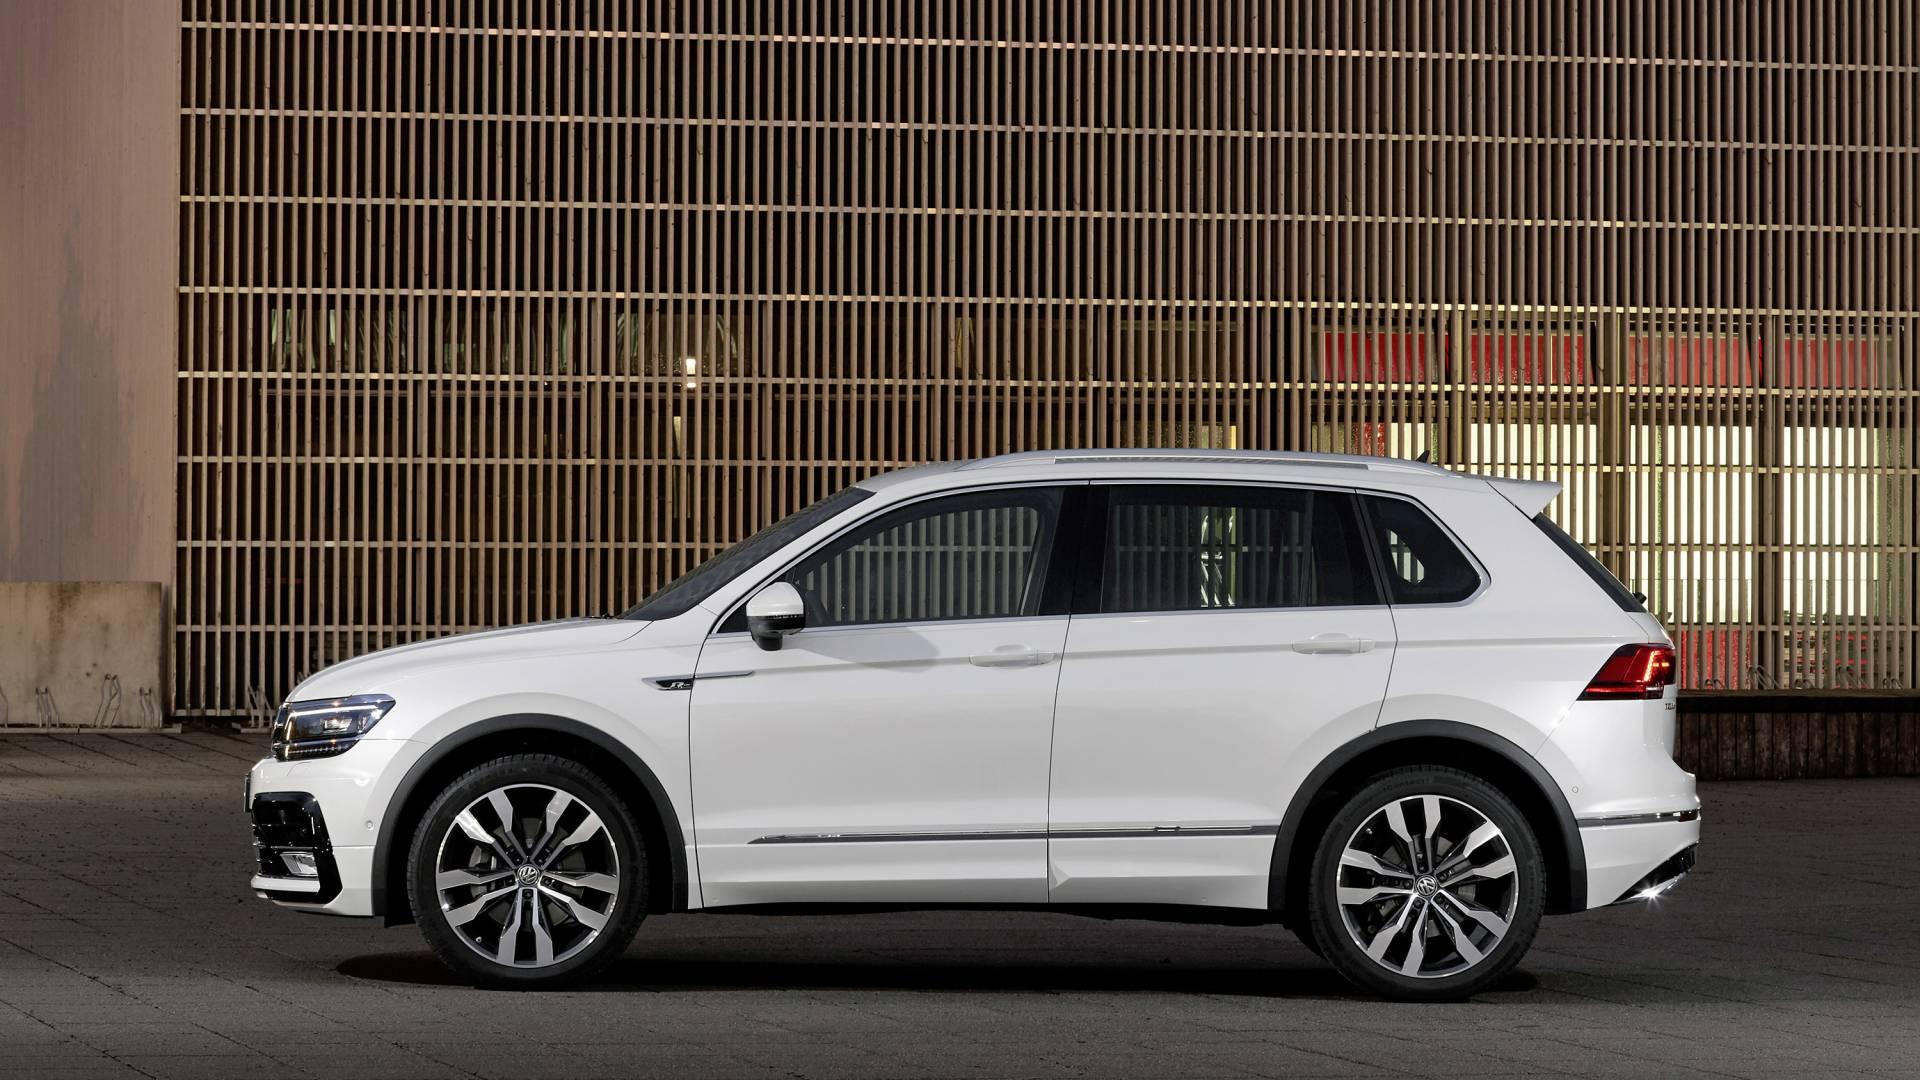 Fiel a la filosofía de Volkswagen, el Tiguan luce un diseño intemporal, con un estilo que resulta elegante a la par que atractivo.